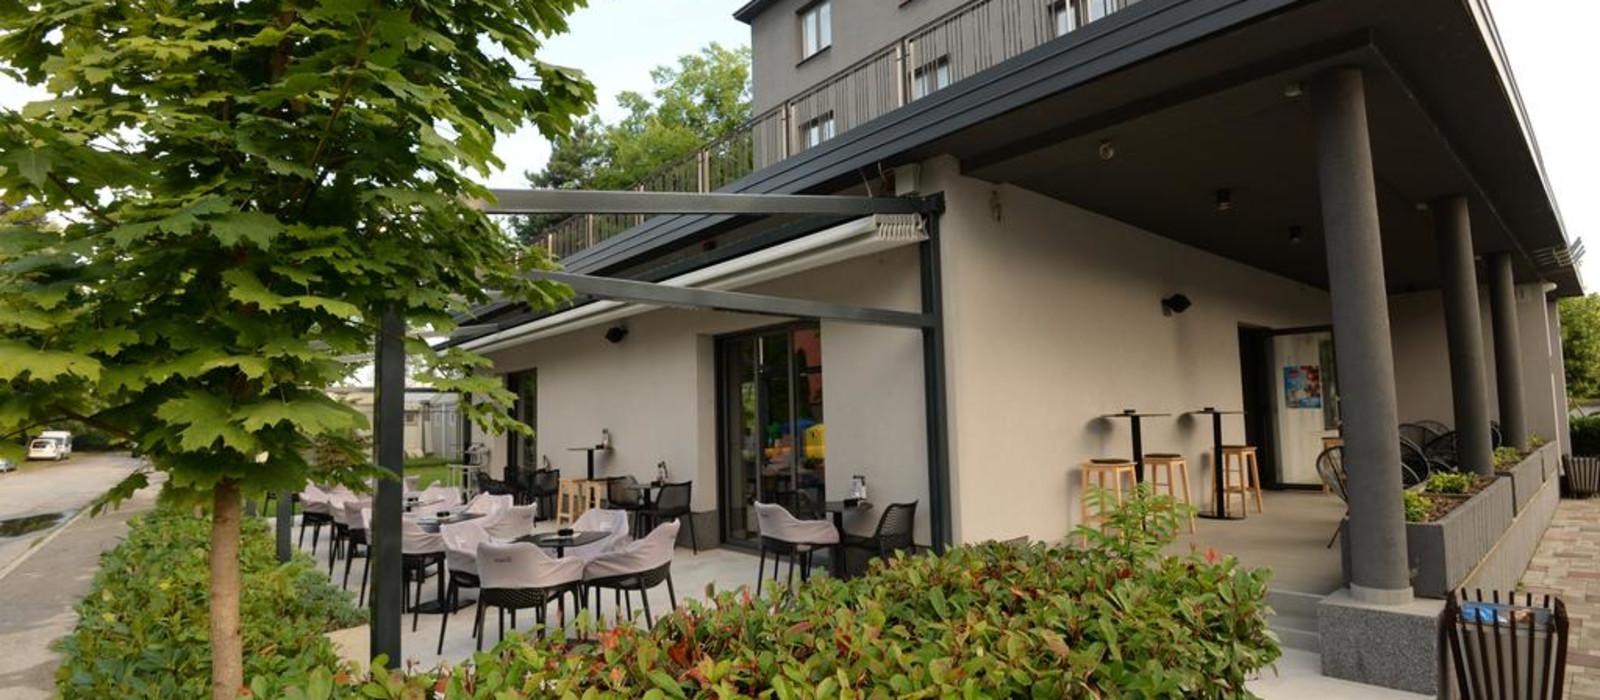 Hotel Amadria Park  Capital Kroatien & Slowenien